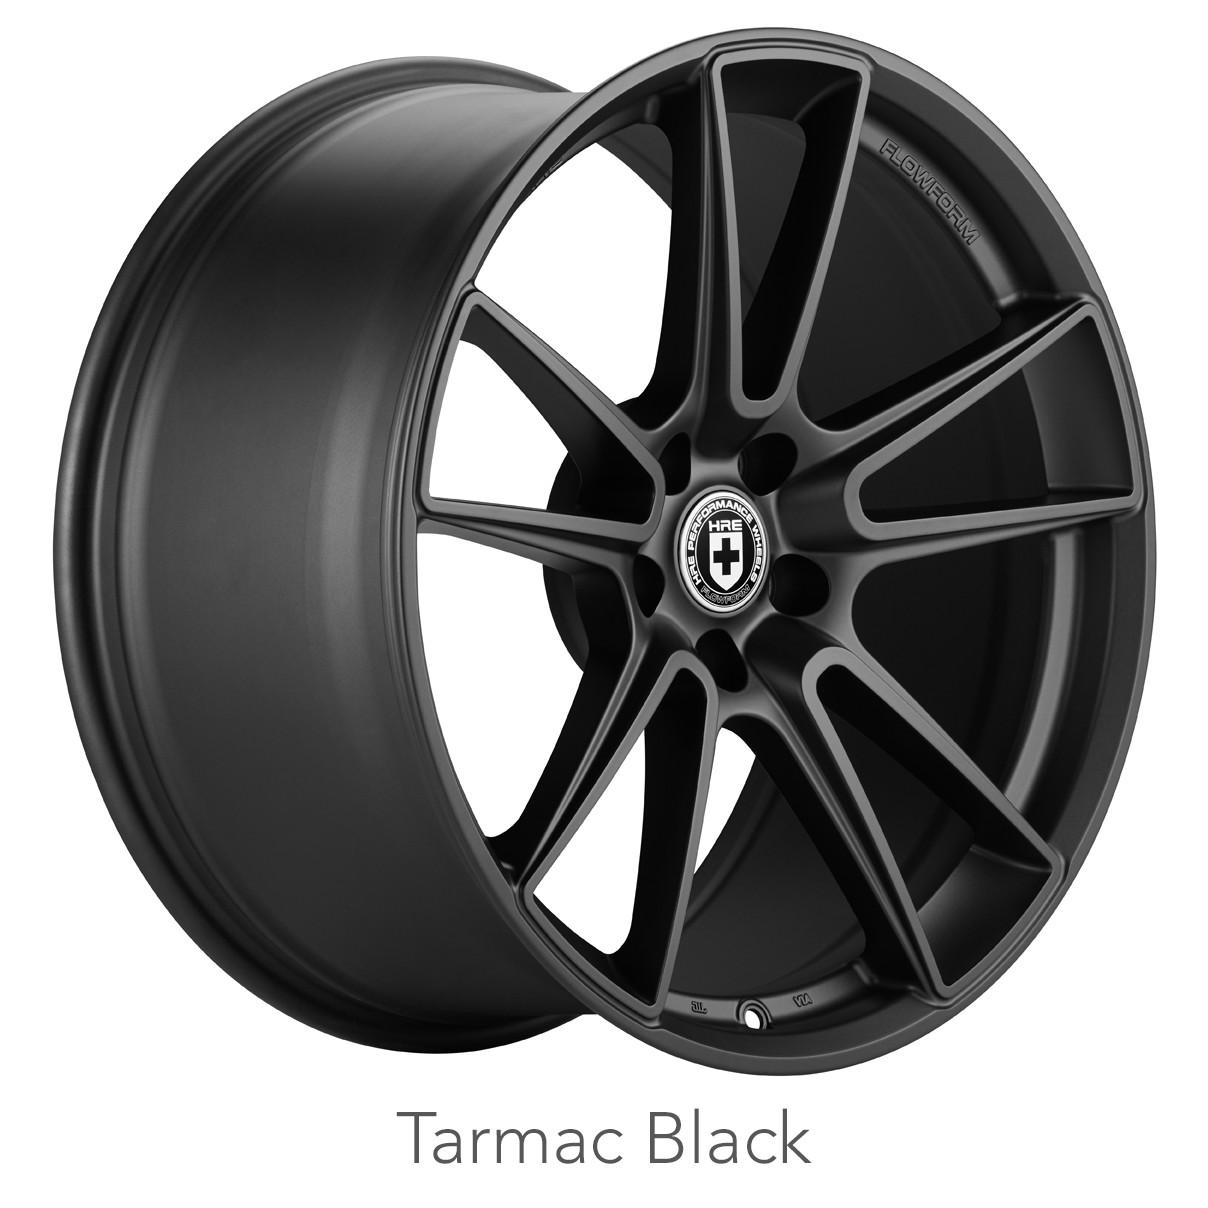 HRE FF04 tarmac black matte black BMW